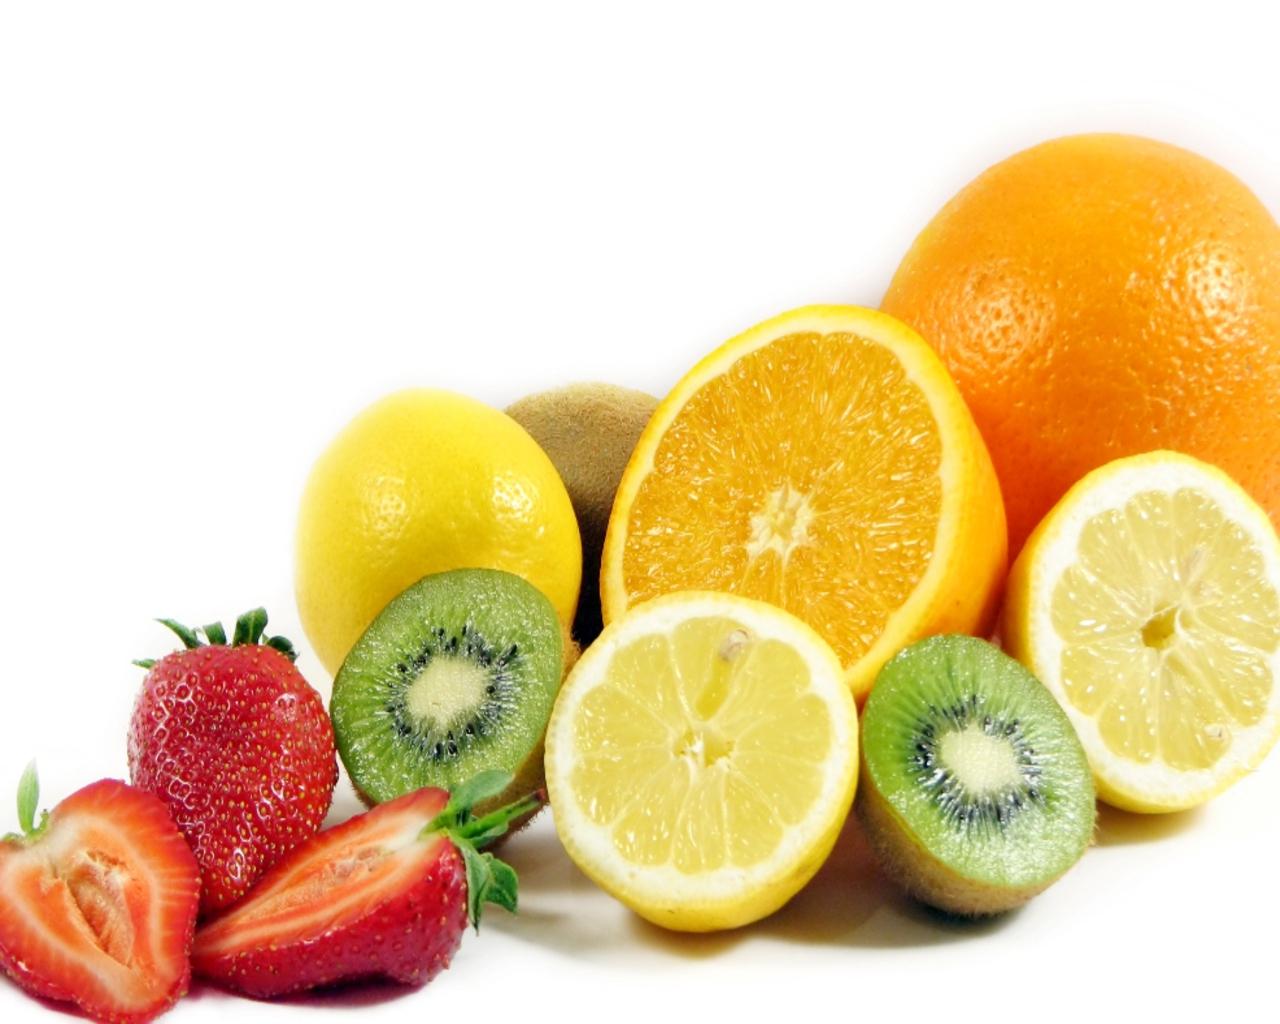 وٹامن سی سے بھرپور غذائیں دانتوں کی صحت کی ضامن ہیں